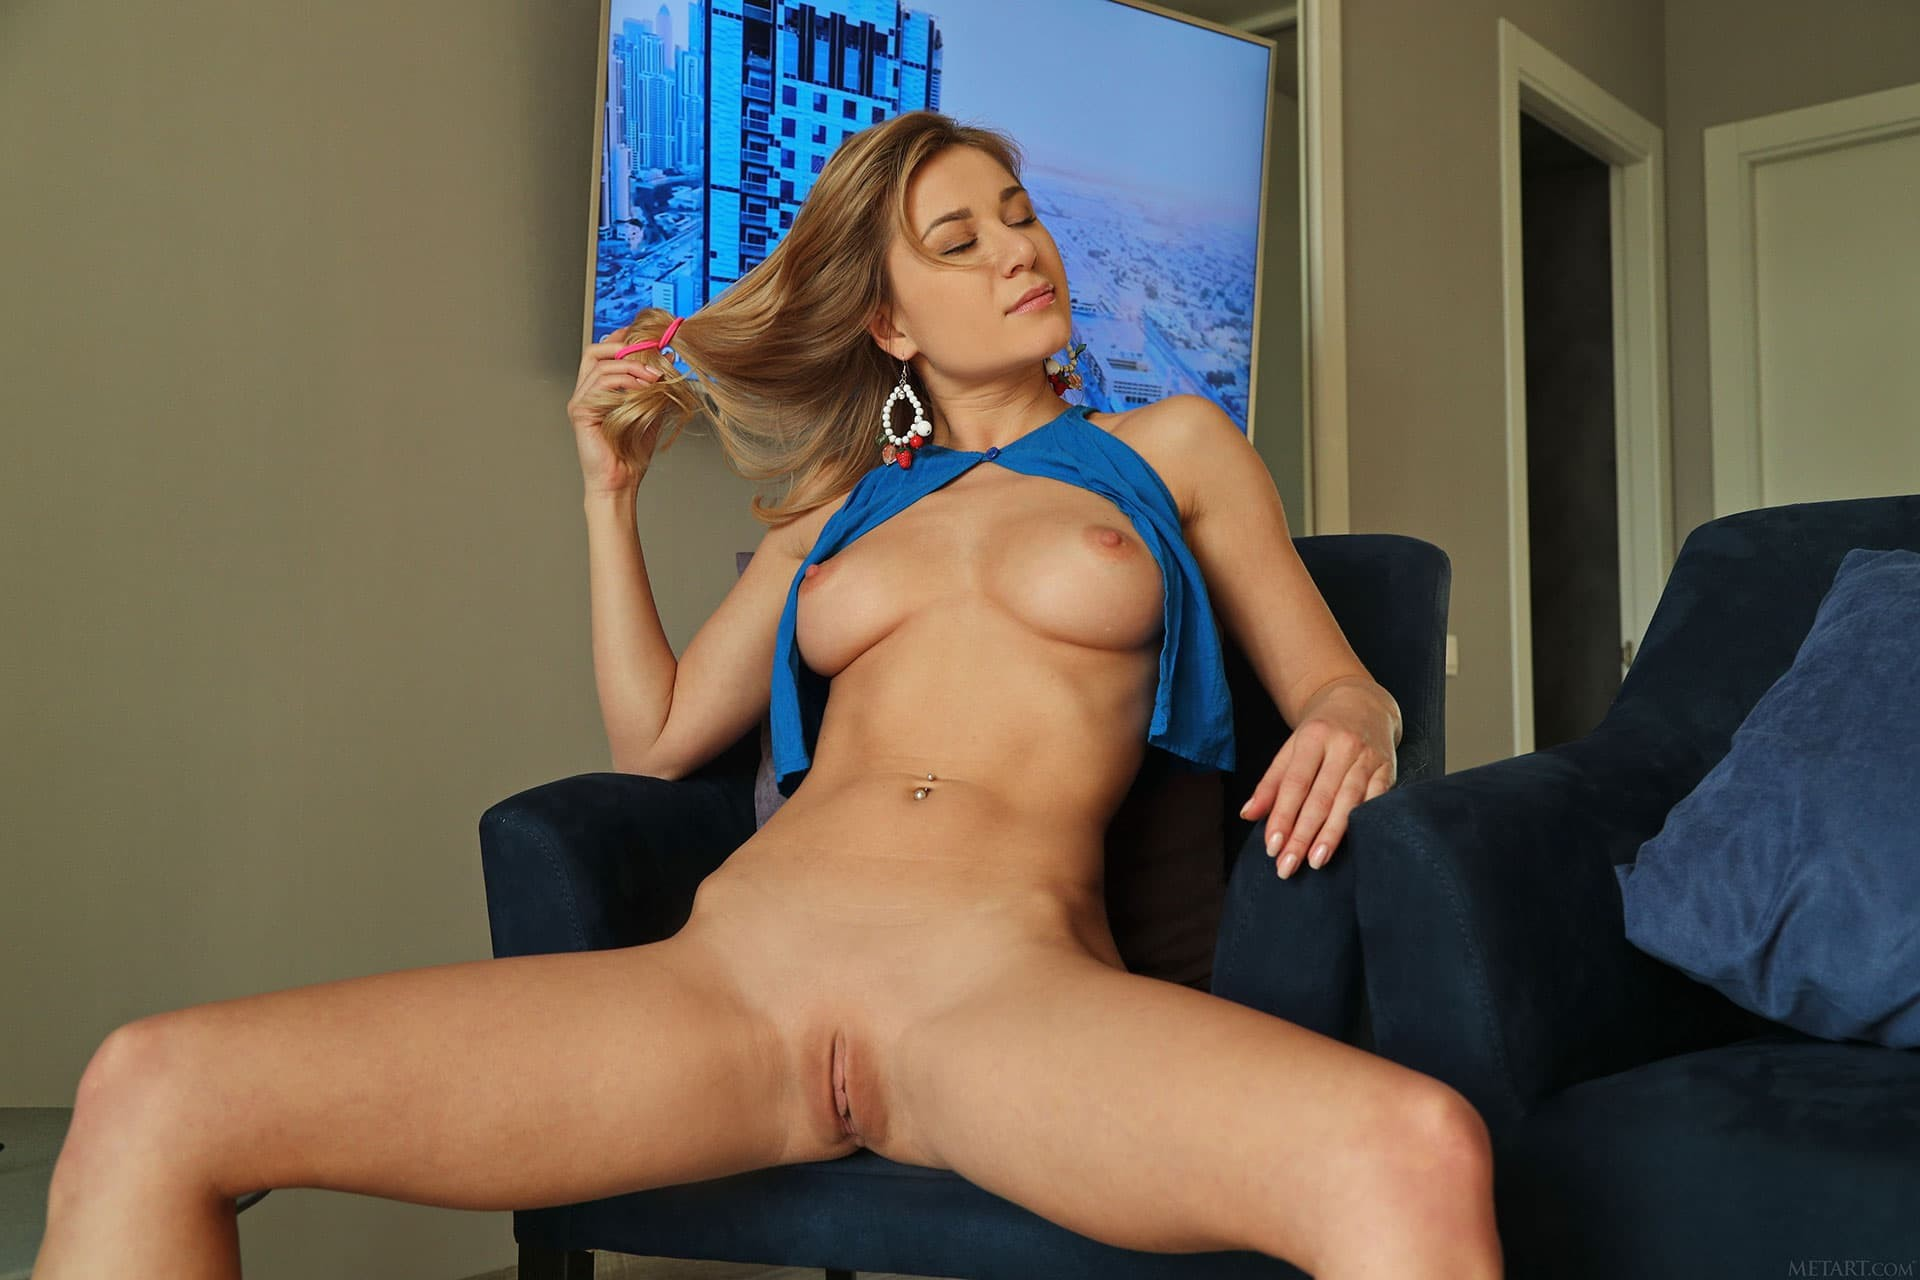 Сексуальная девушка со спортивным телом - фото